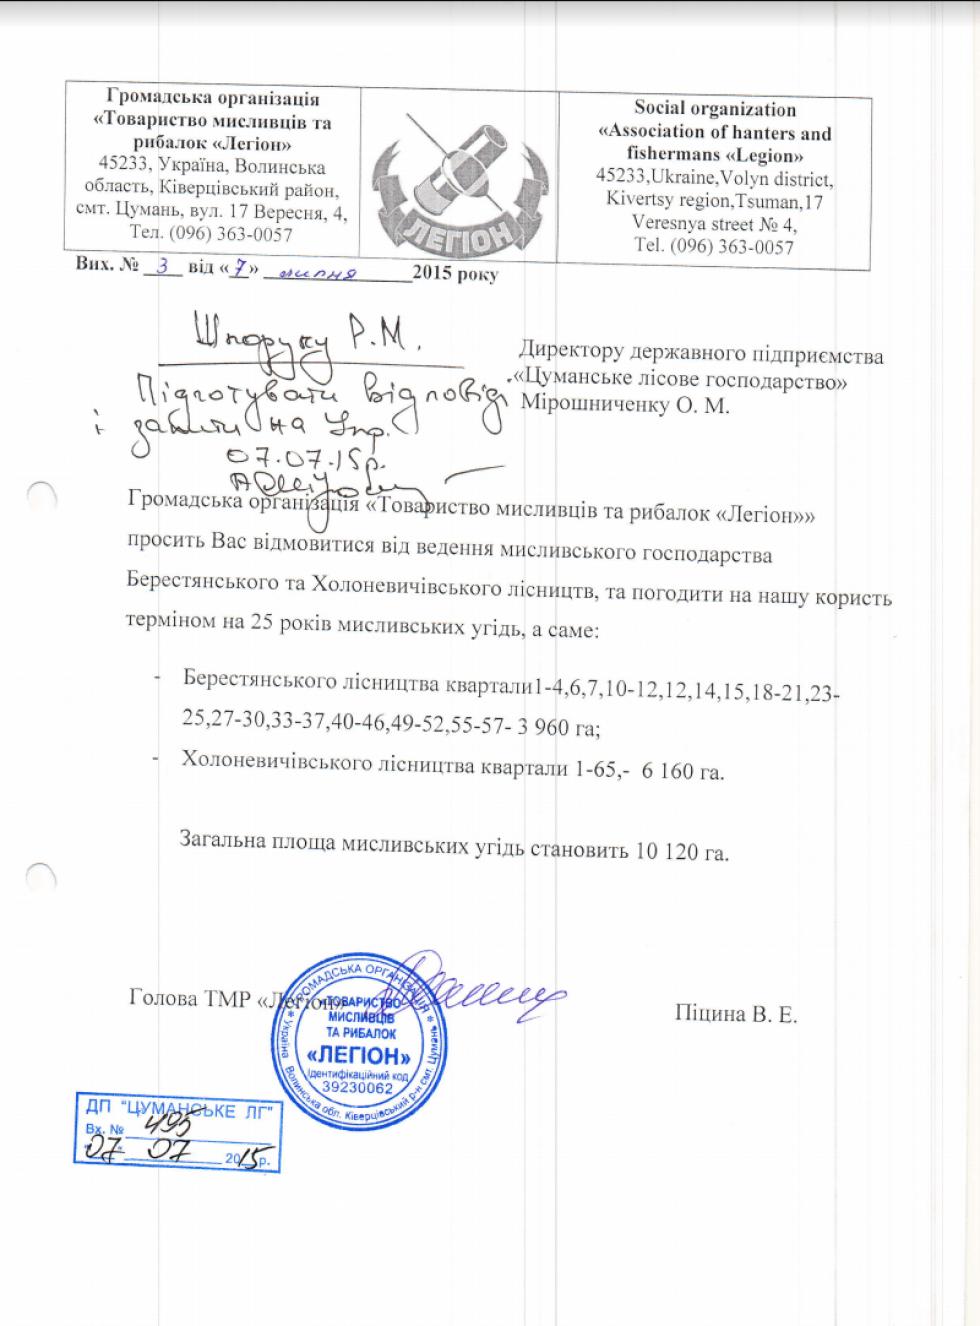 Звернення «Легіону» за 7 липня 2015 року